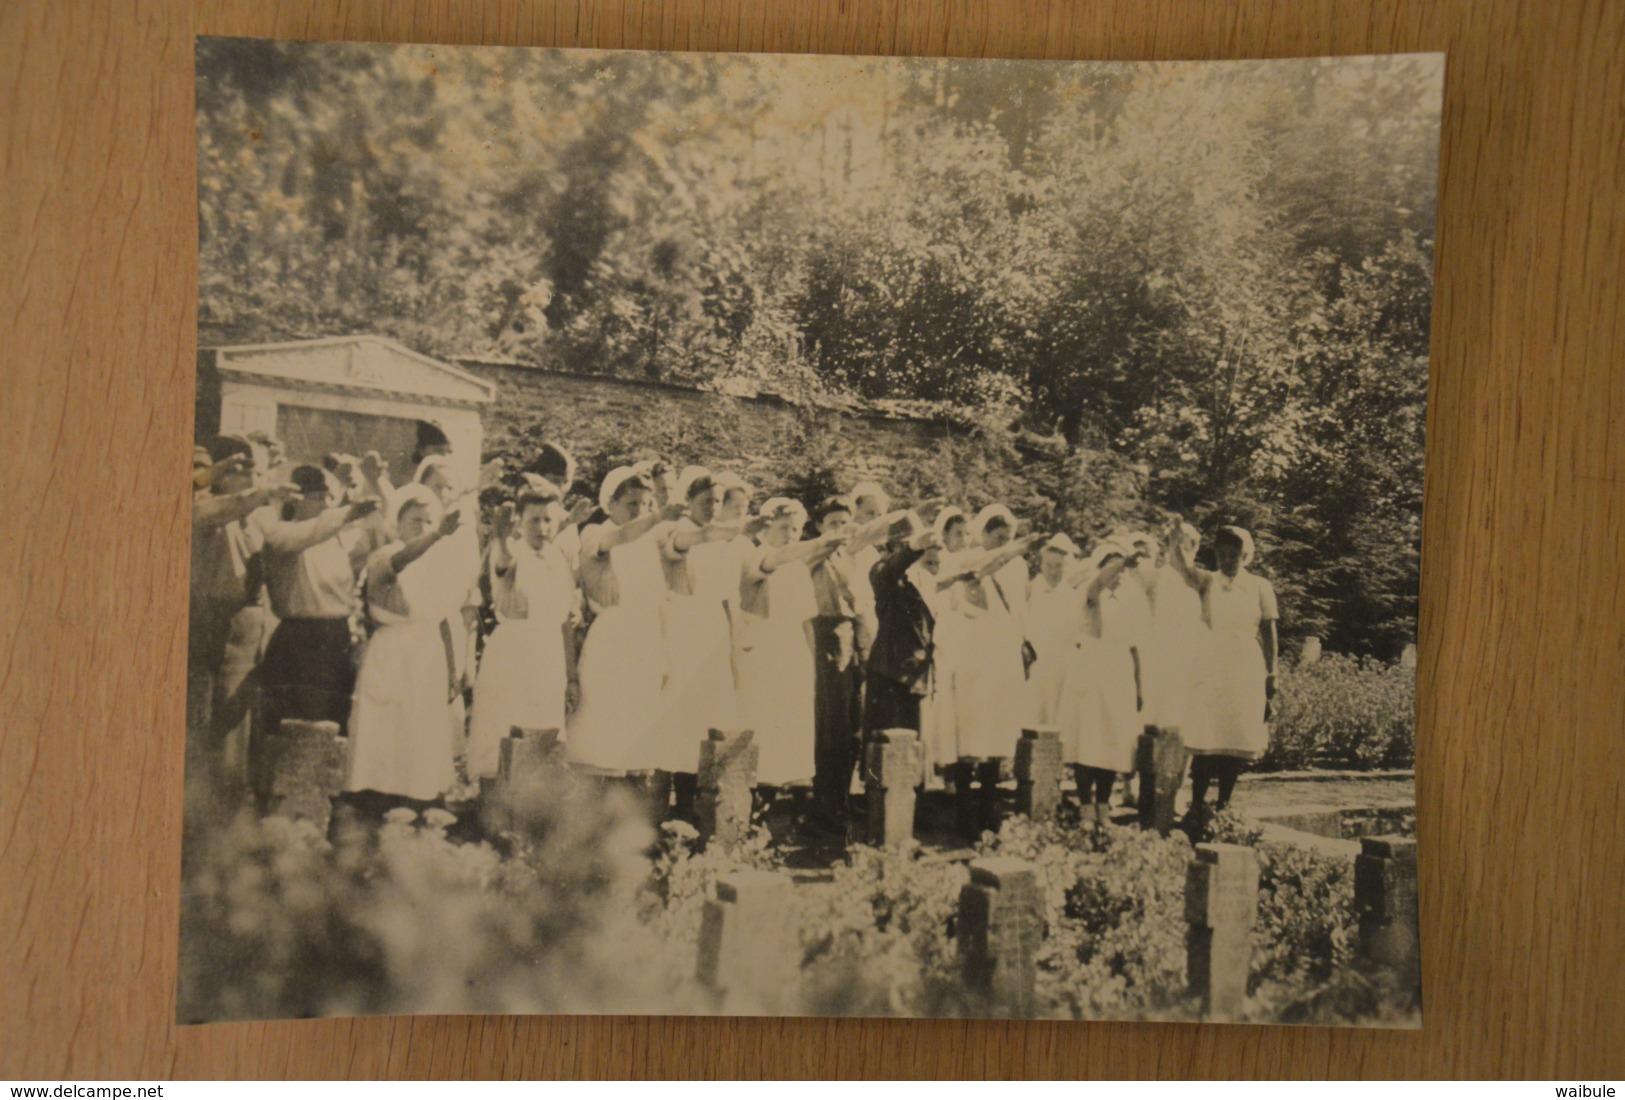 Spa Cimetière Allemand Salut Nazi Ww2 (vieille Photo (reproduction?) 24 X 30) - 1939-45